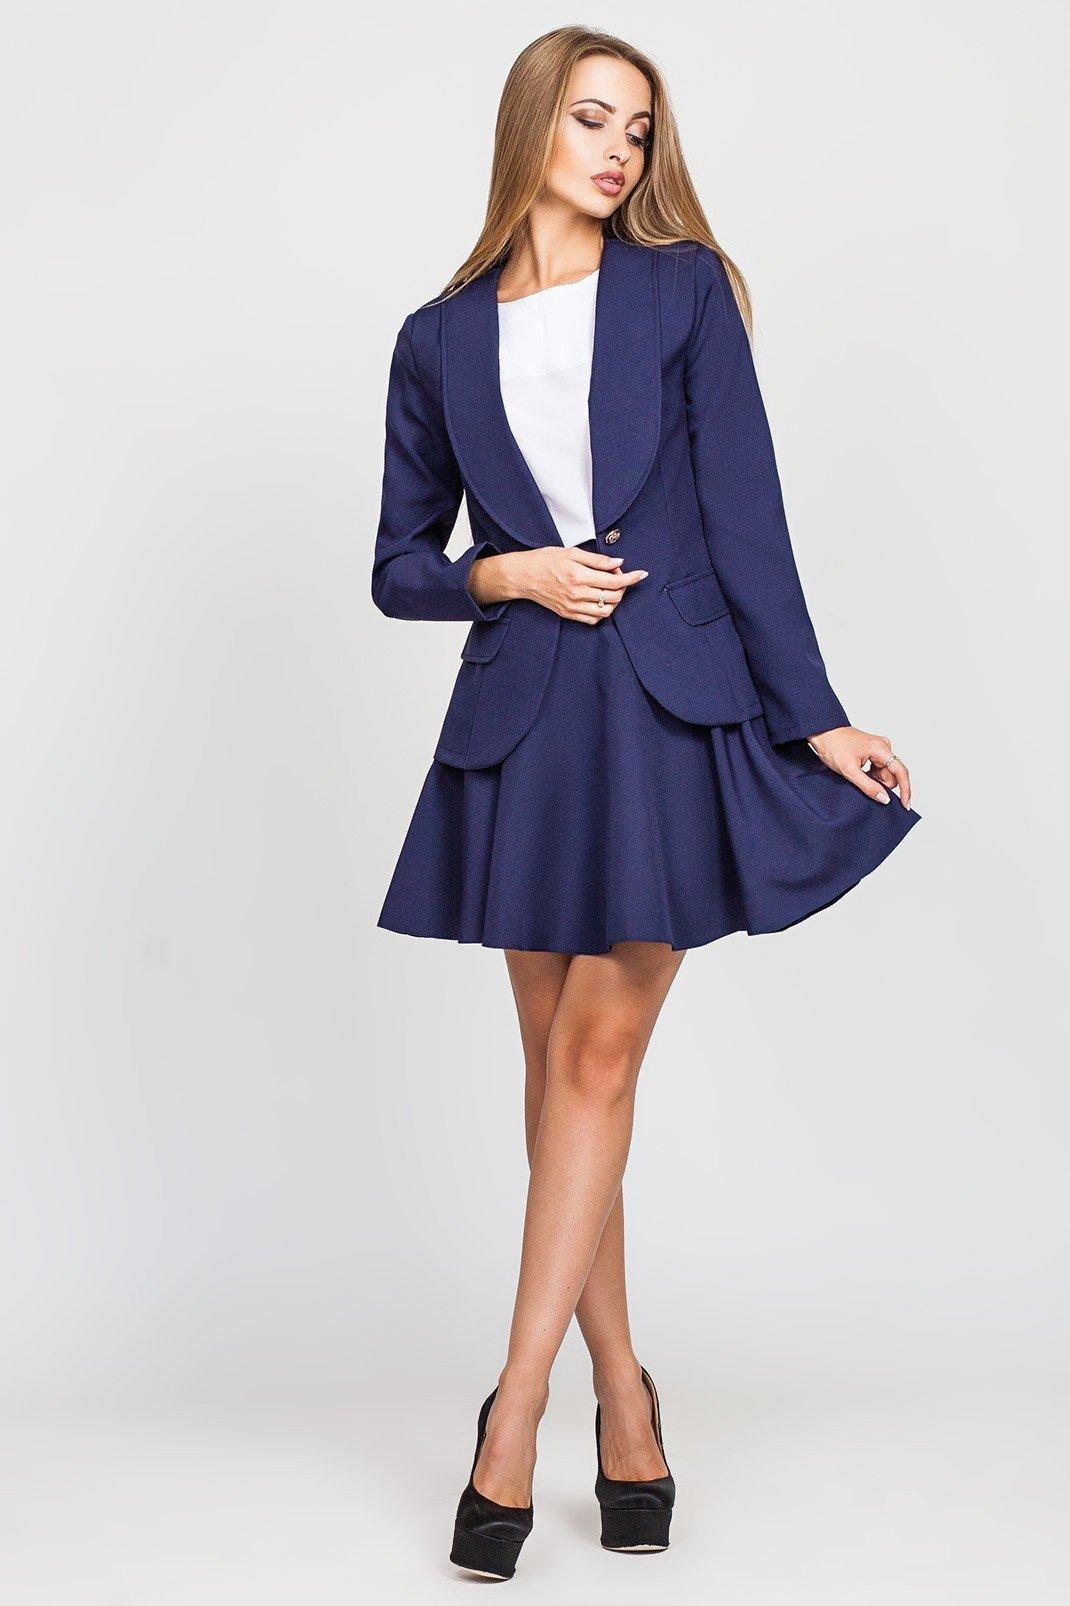 модные костюмы платье с юбкой синий